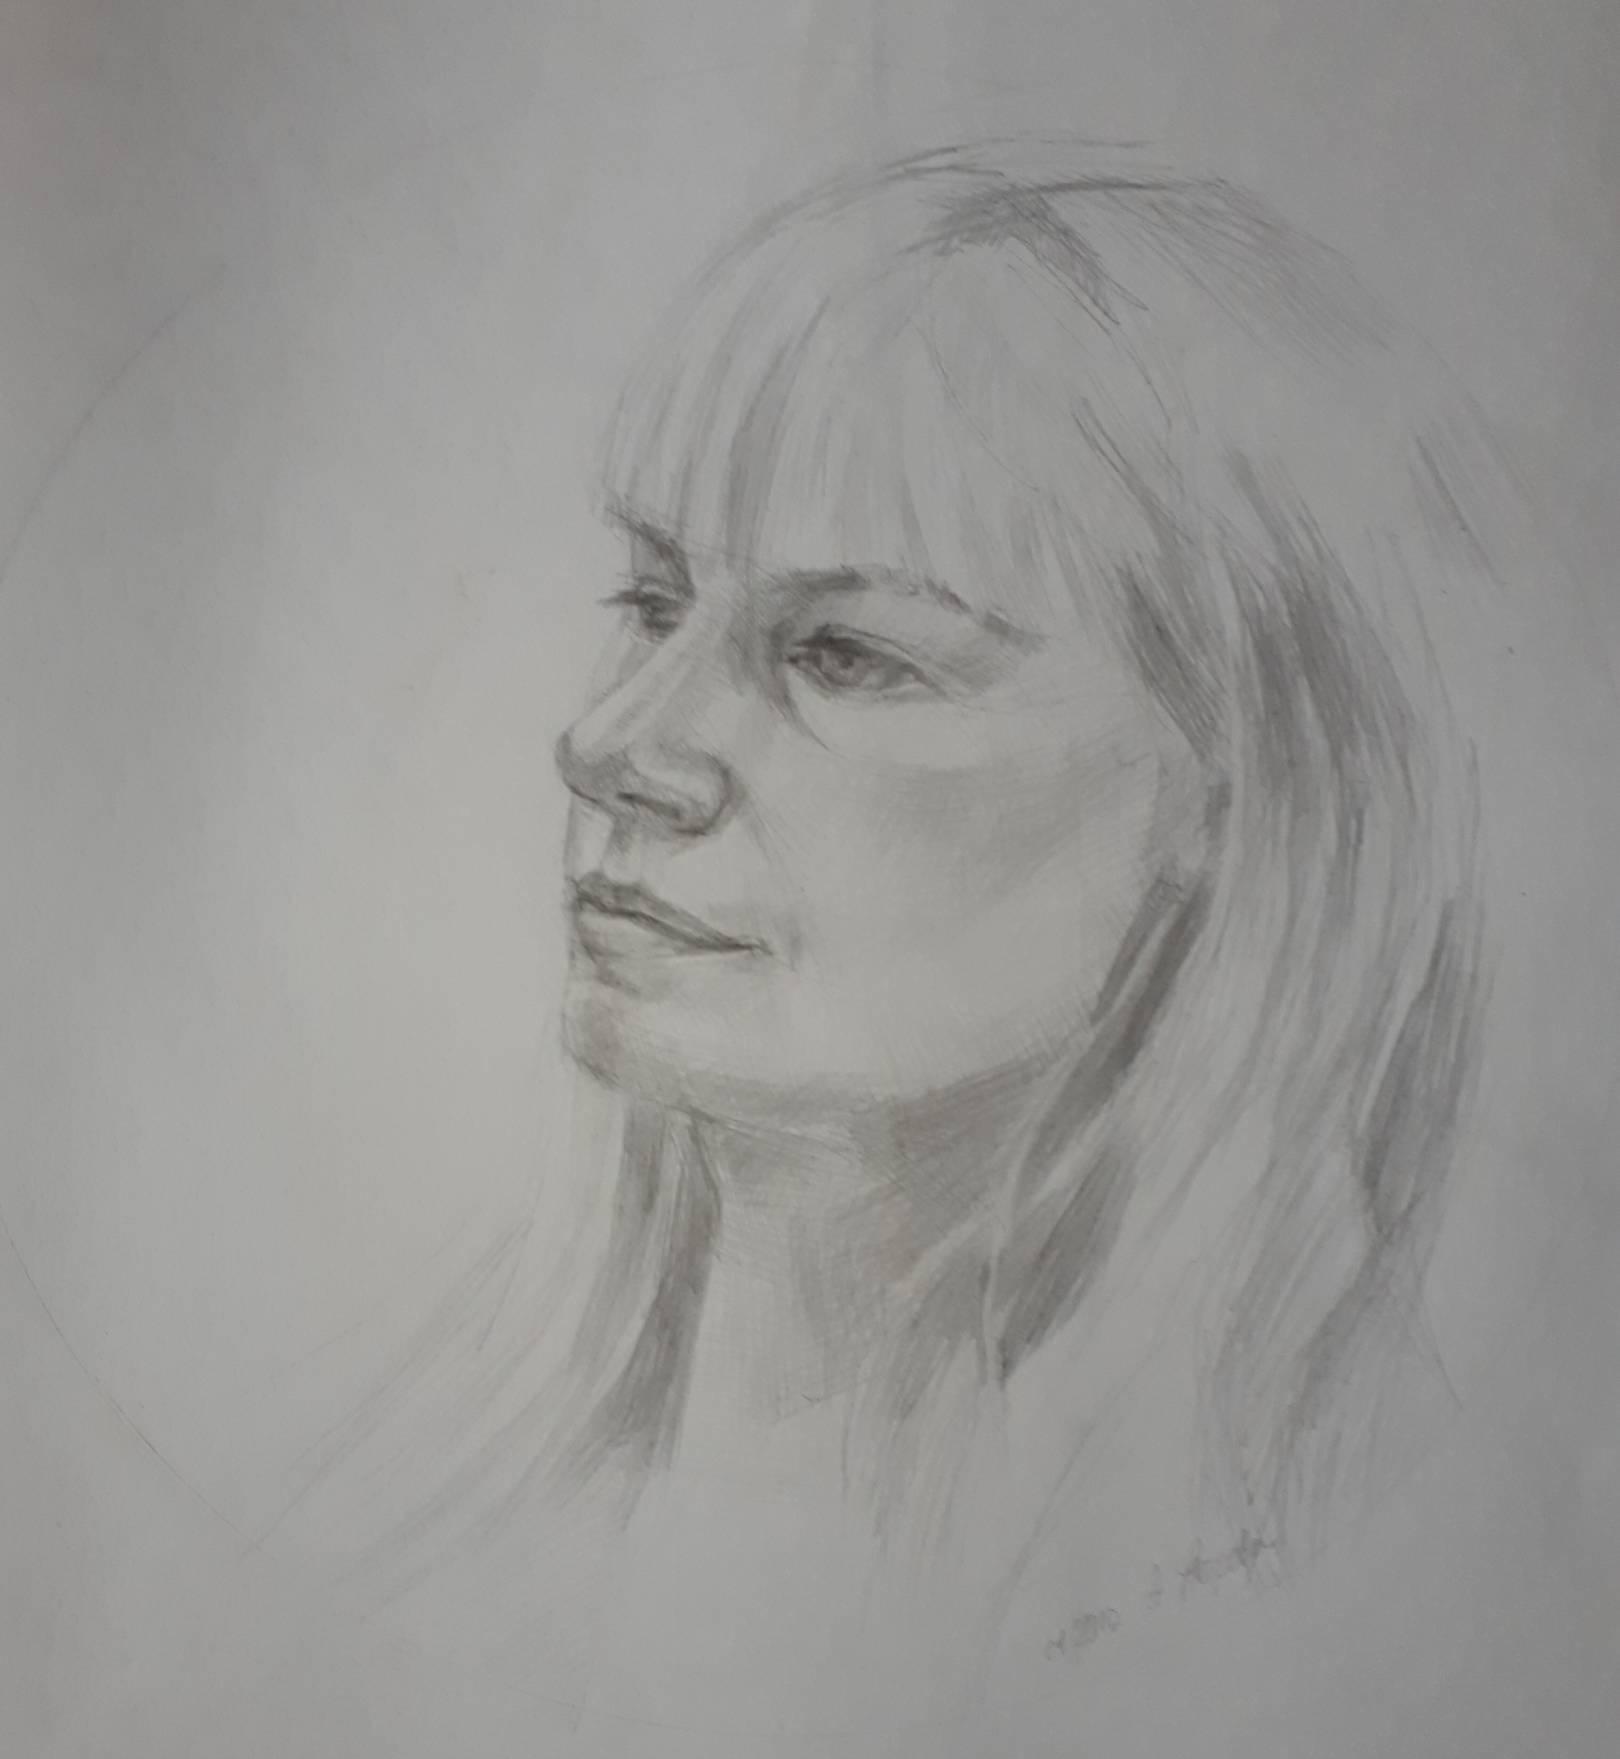 Портреты, наброски, этюды